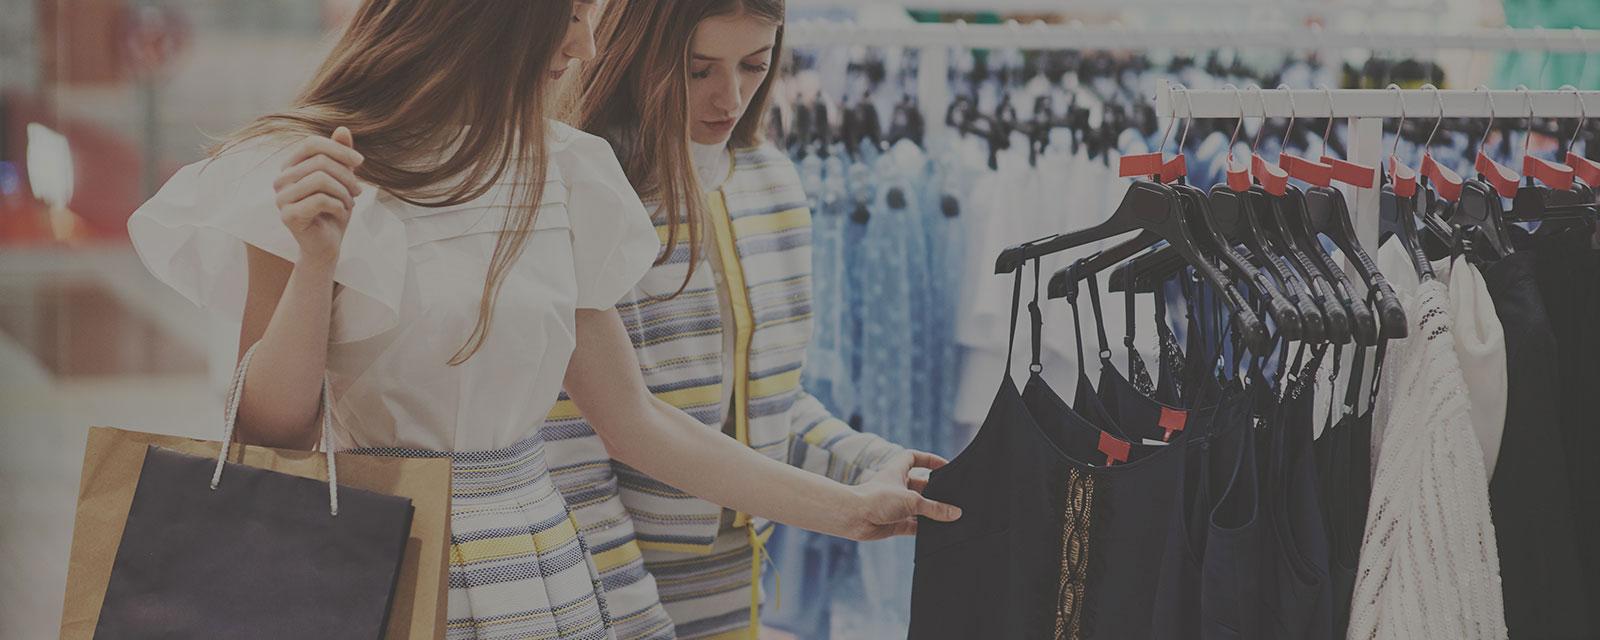 Współpraca dla sklepów stacjonarnych